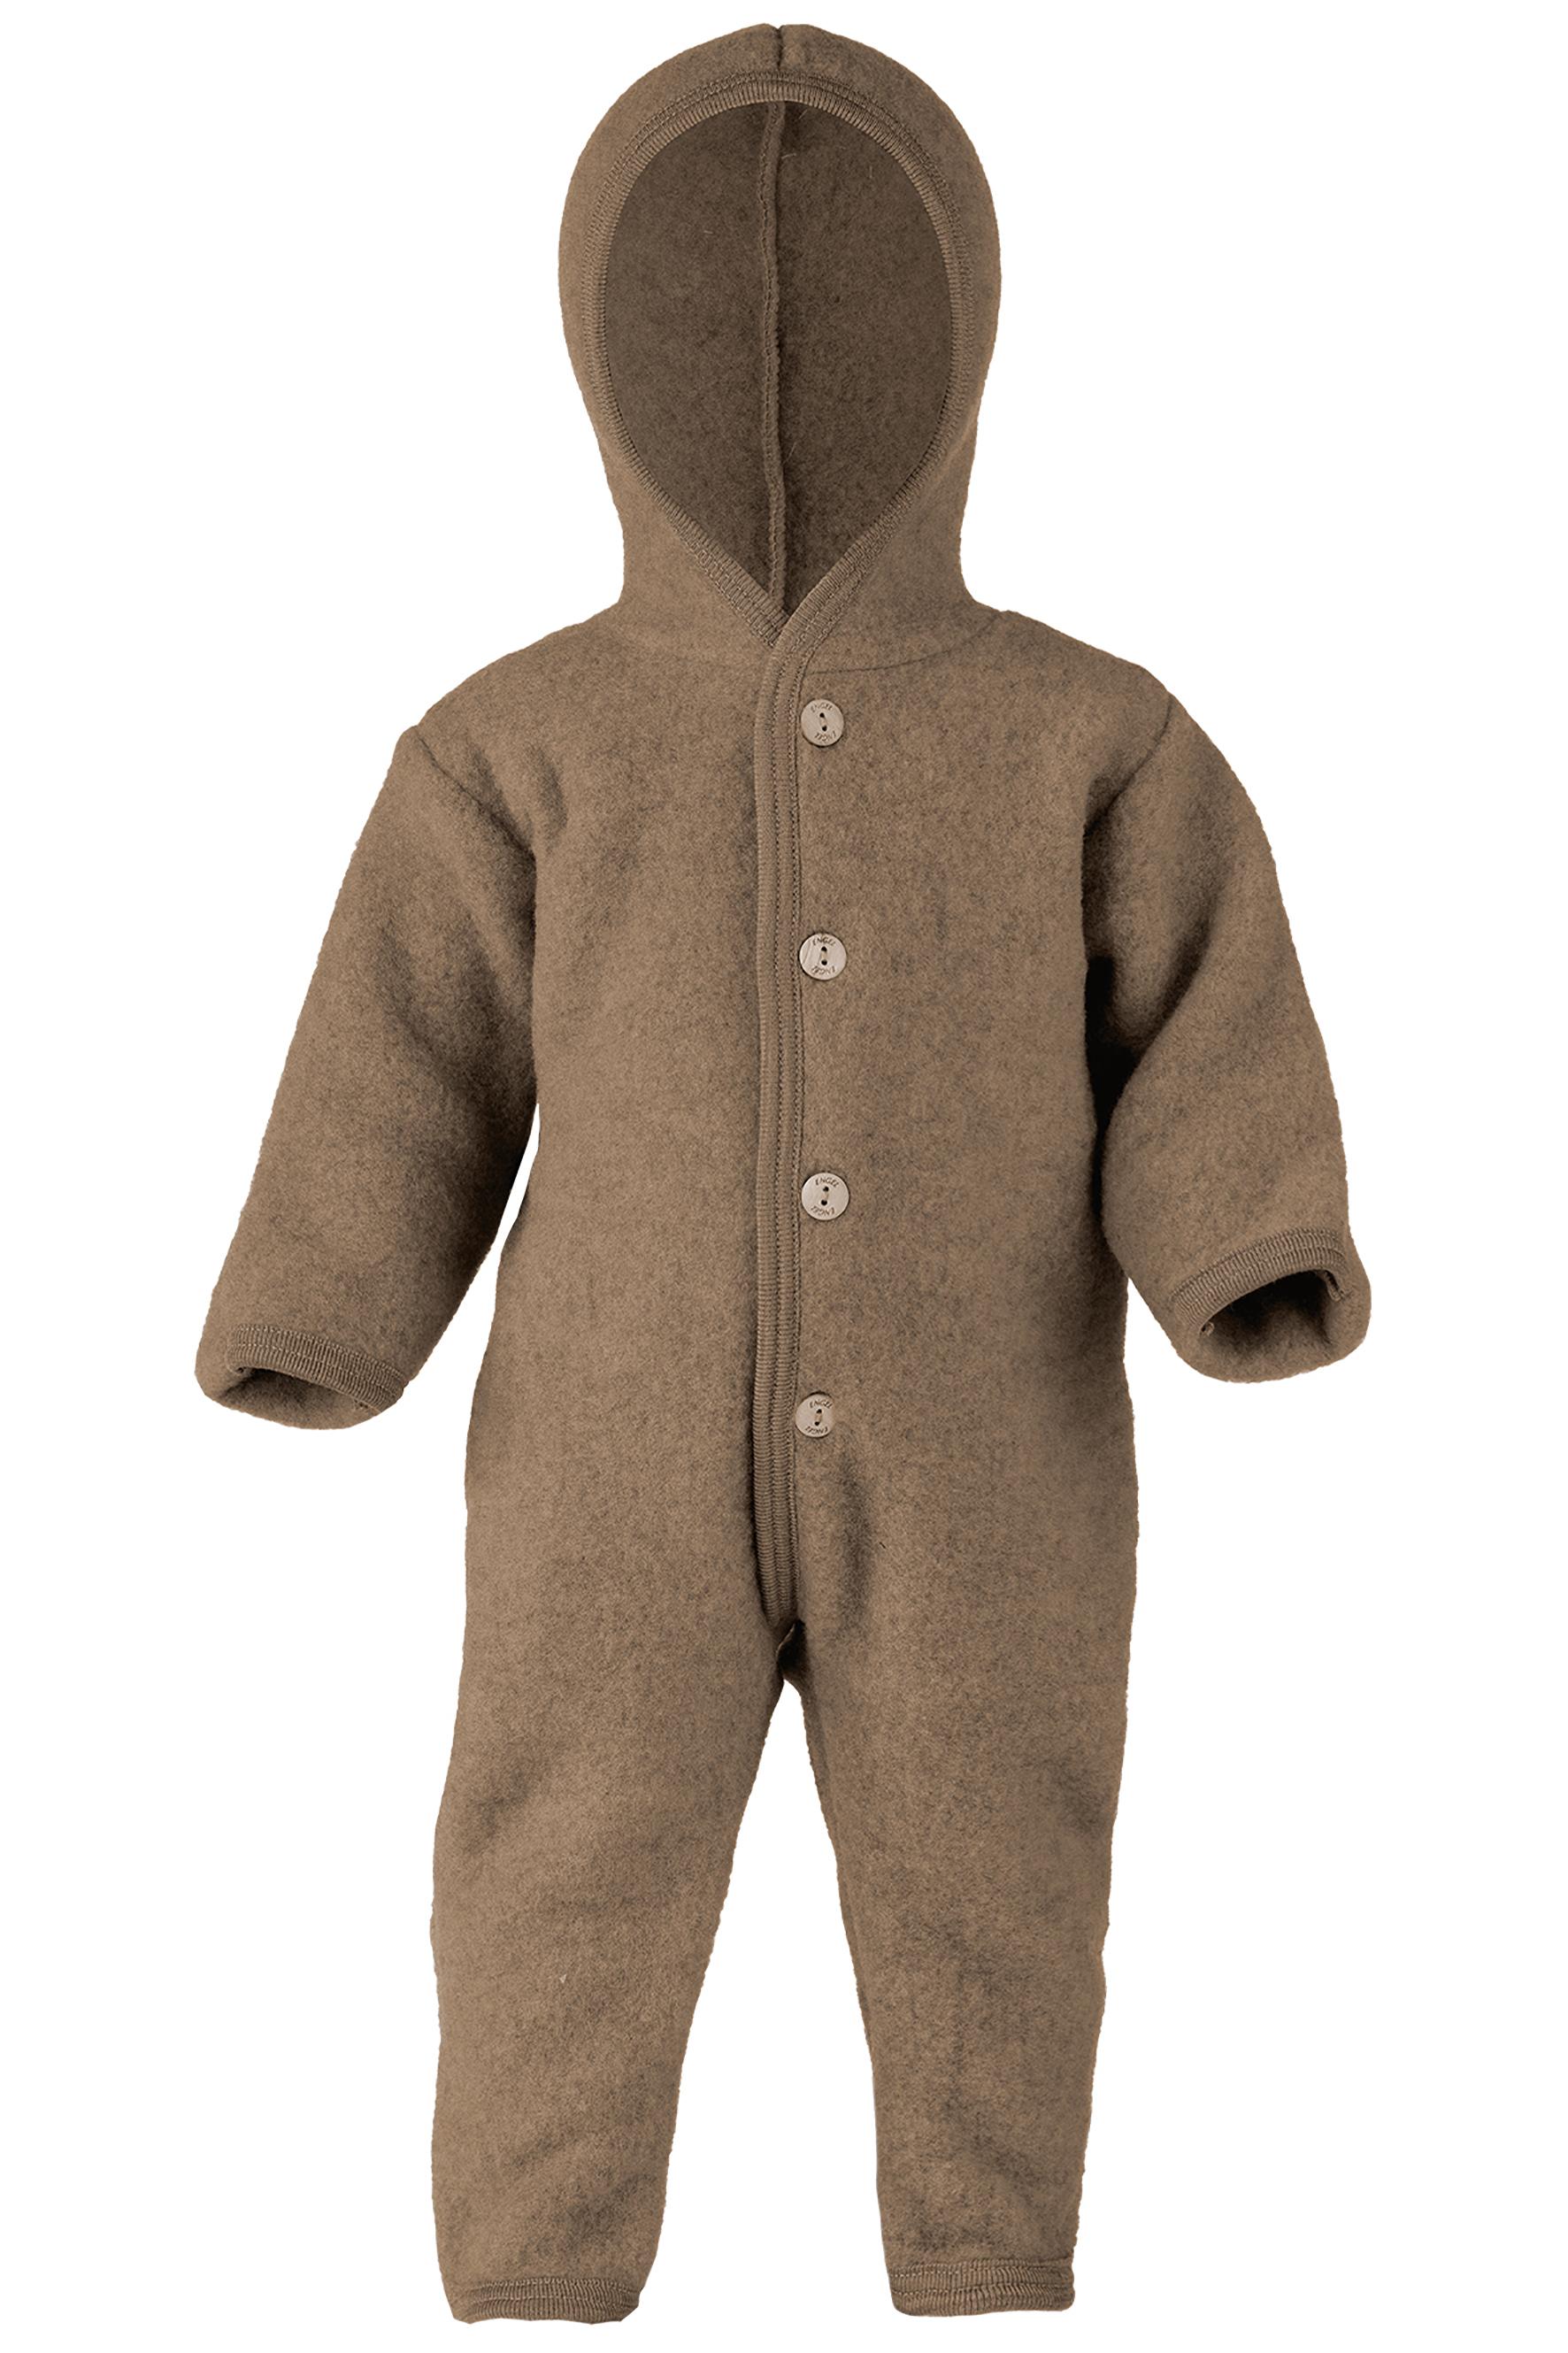 ENGEL Natur (sous-vetements en laine et soie ou 100% laine mérinos) ENGEL Nouveauté - Combinaison bébé en 100% laine mérinos, polaire (50 au 92)